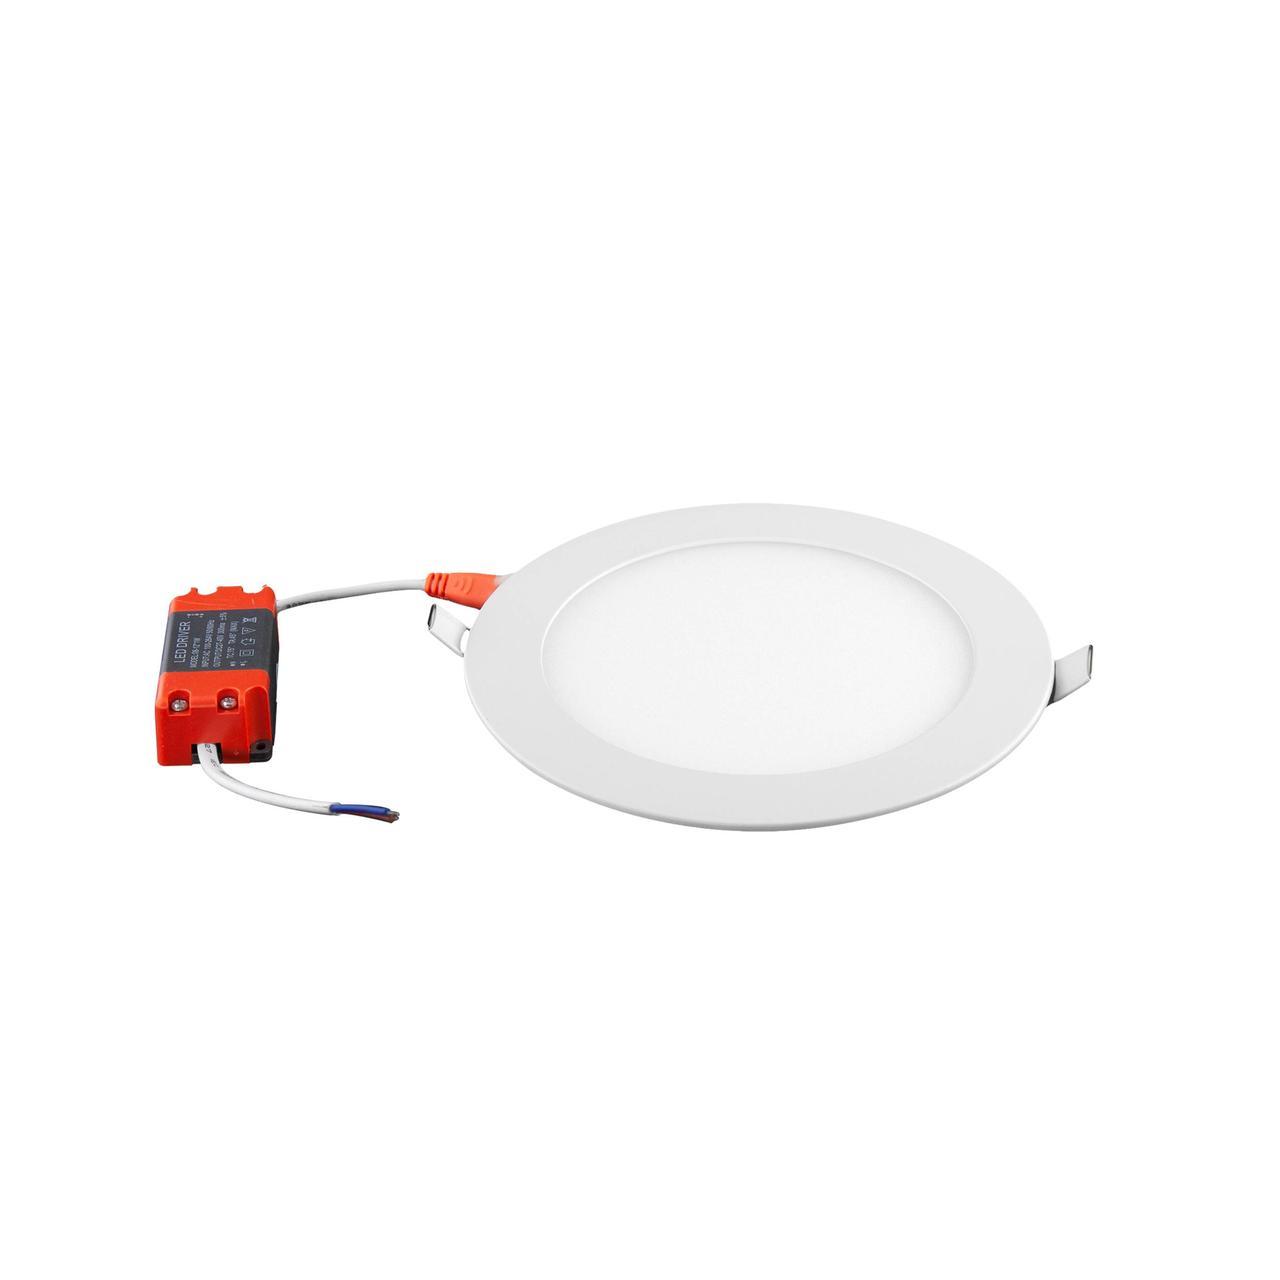 Точковий світильник Skarlat PC0012-14RD 12W 6000K